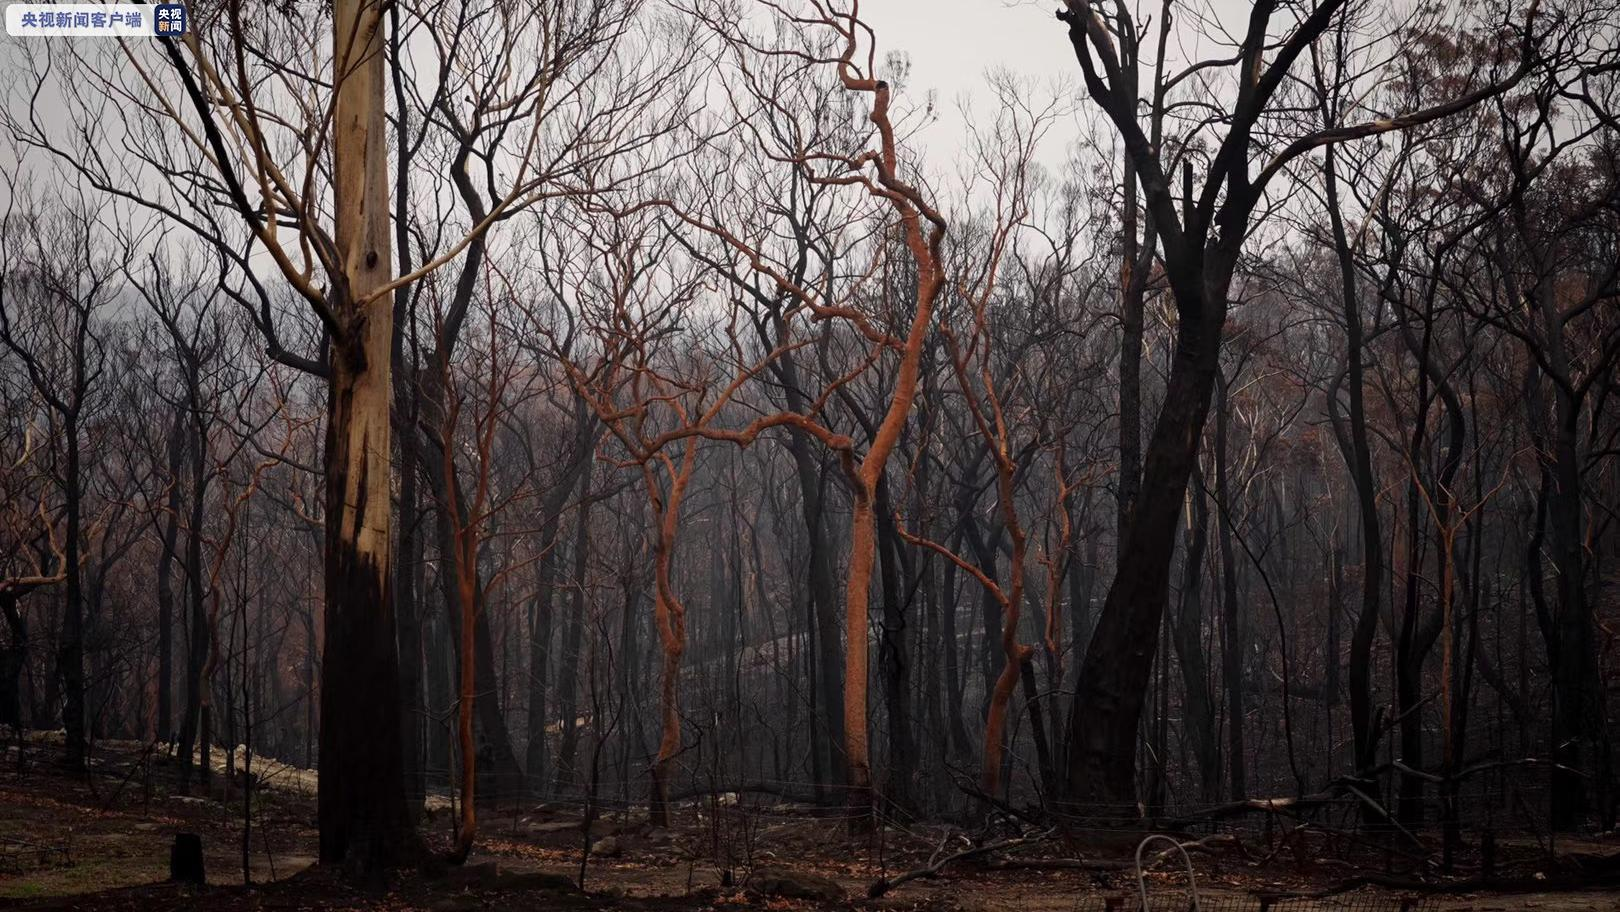 澳大利亚两大世界遗产区过半面积被烧毁 桉树数量或将崩溃